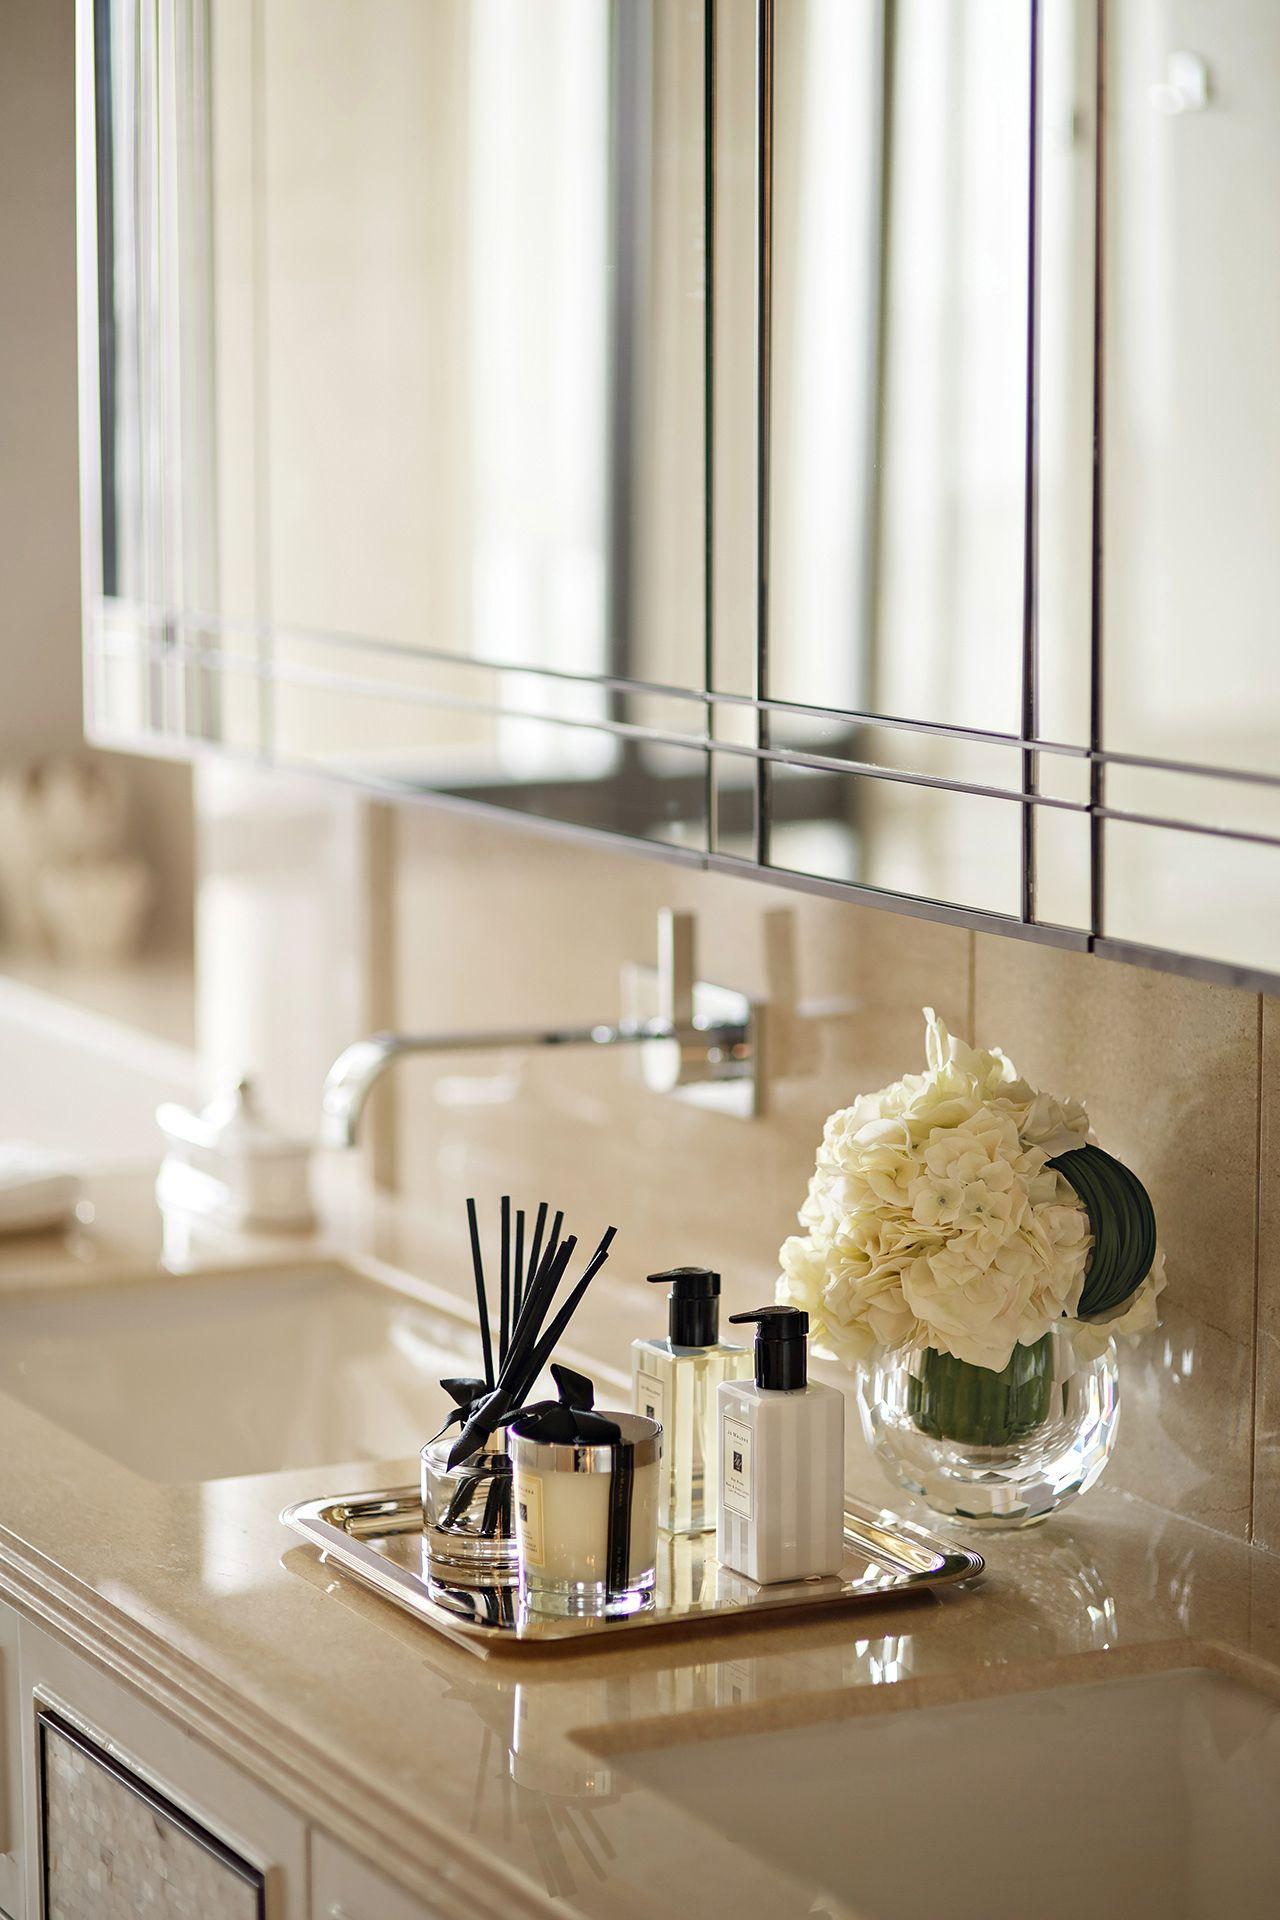 Badezimmer ideen erdtöne pin von jasmin decker auf primrose  pinterest  badezimmer